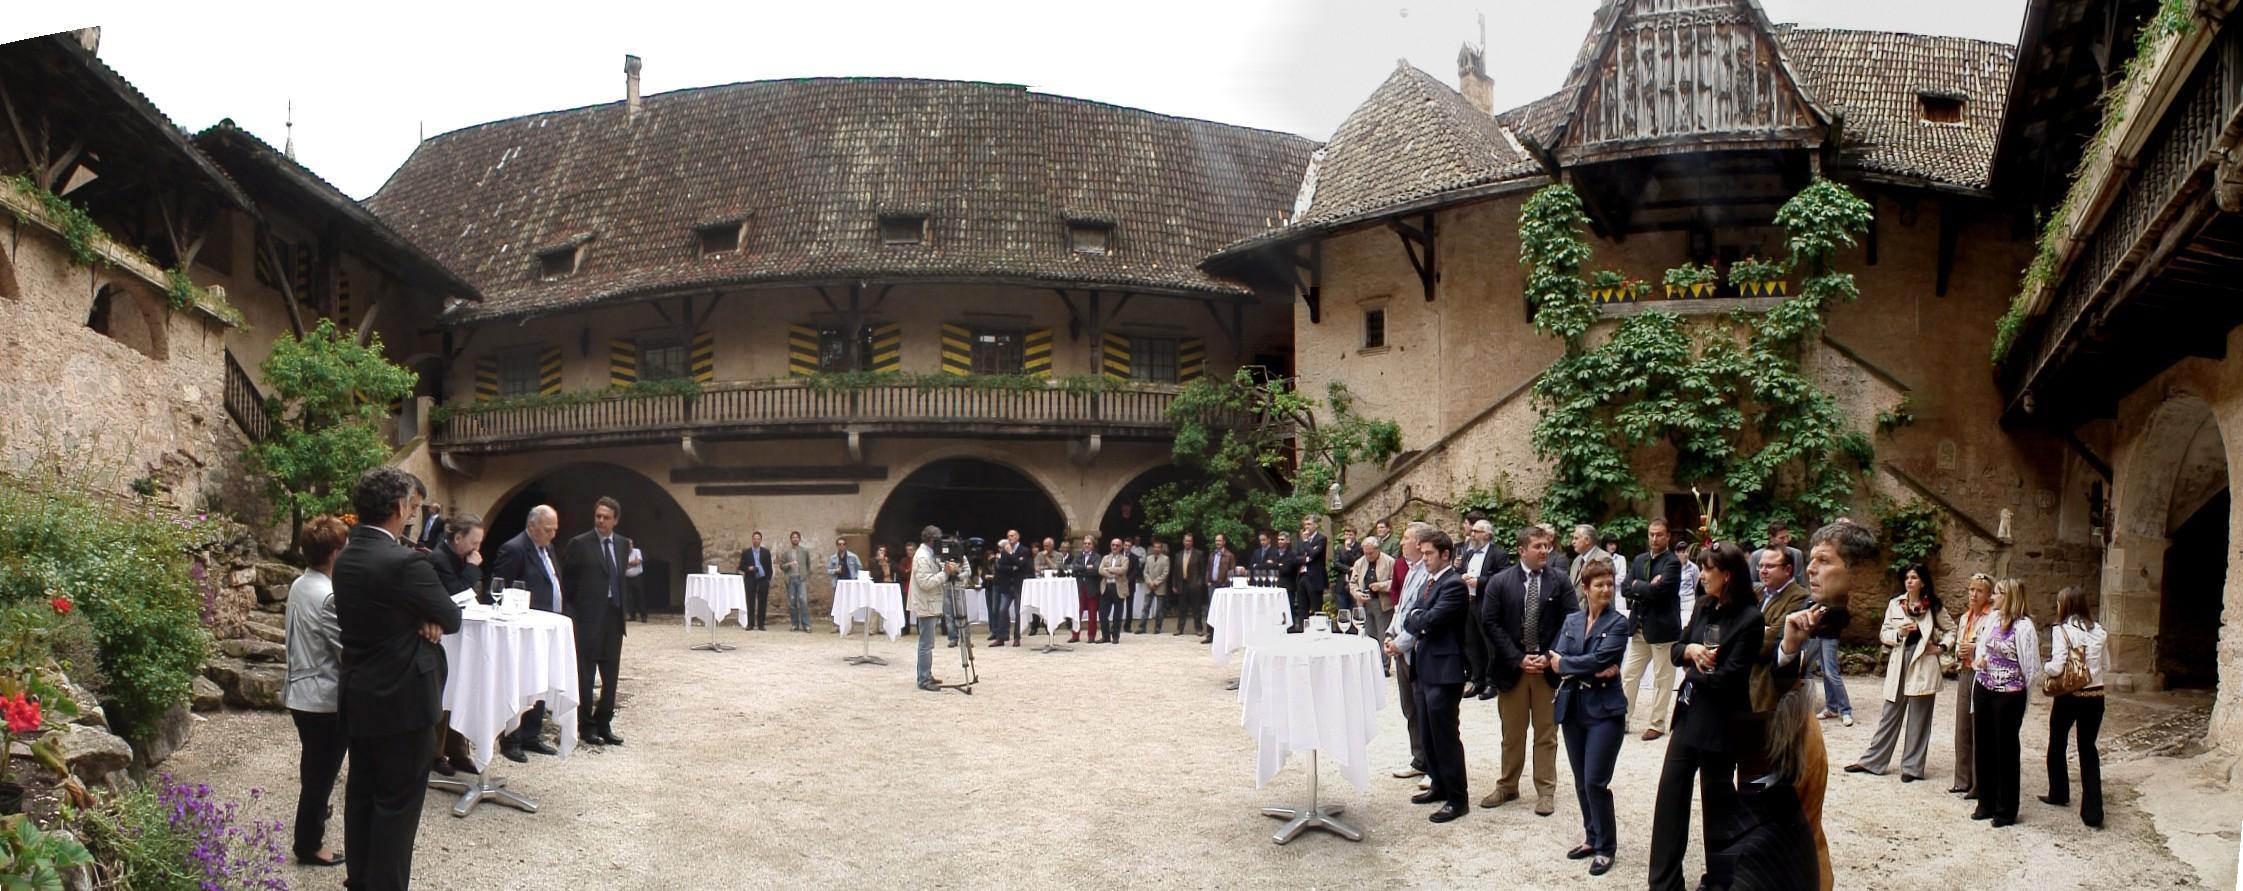 La cerimonia di premiazione all'interno della corte di Castel d'Enna